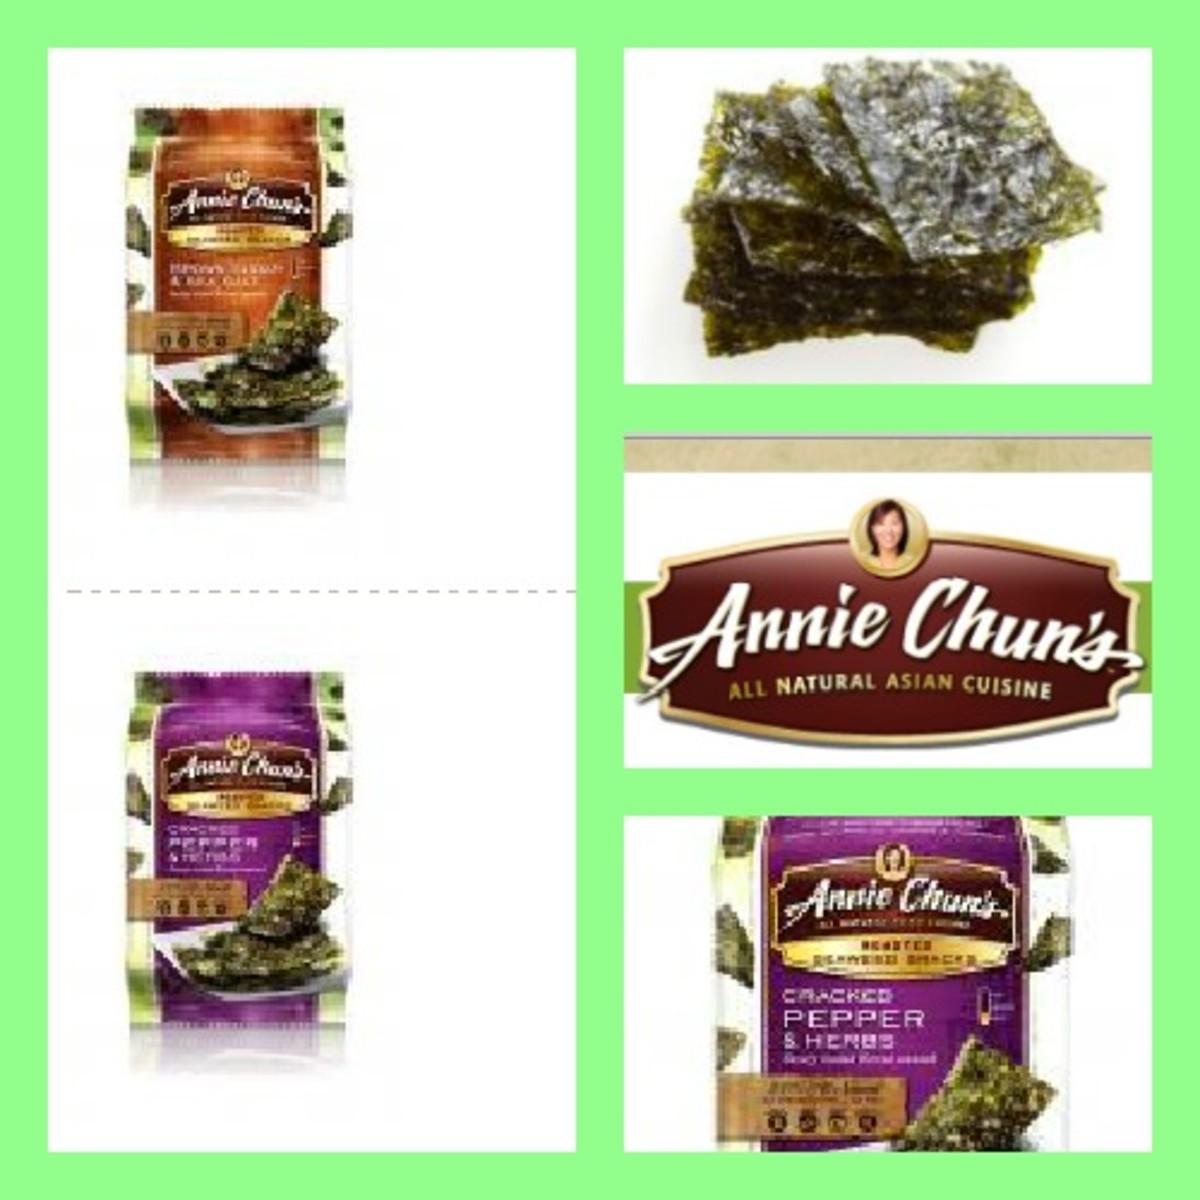 Annie_Chun's